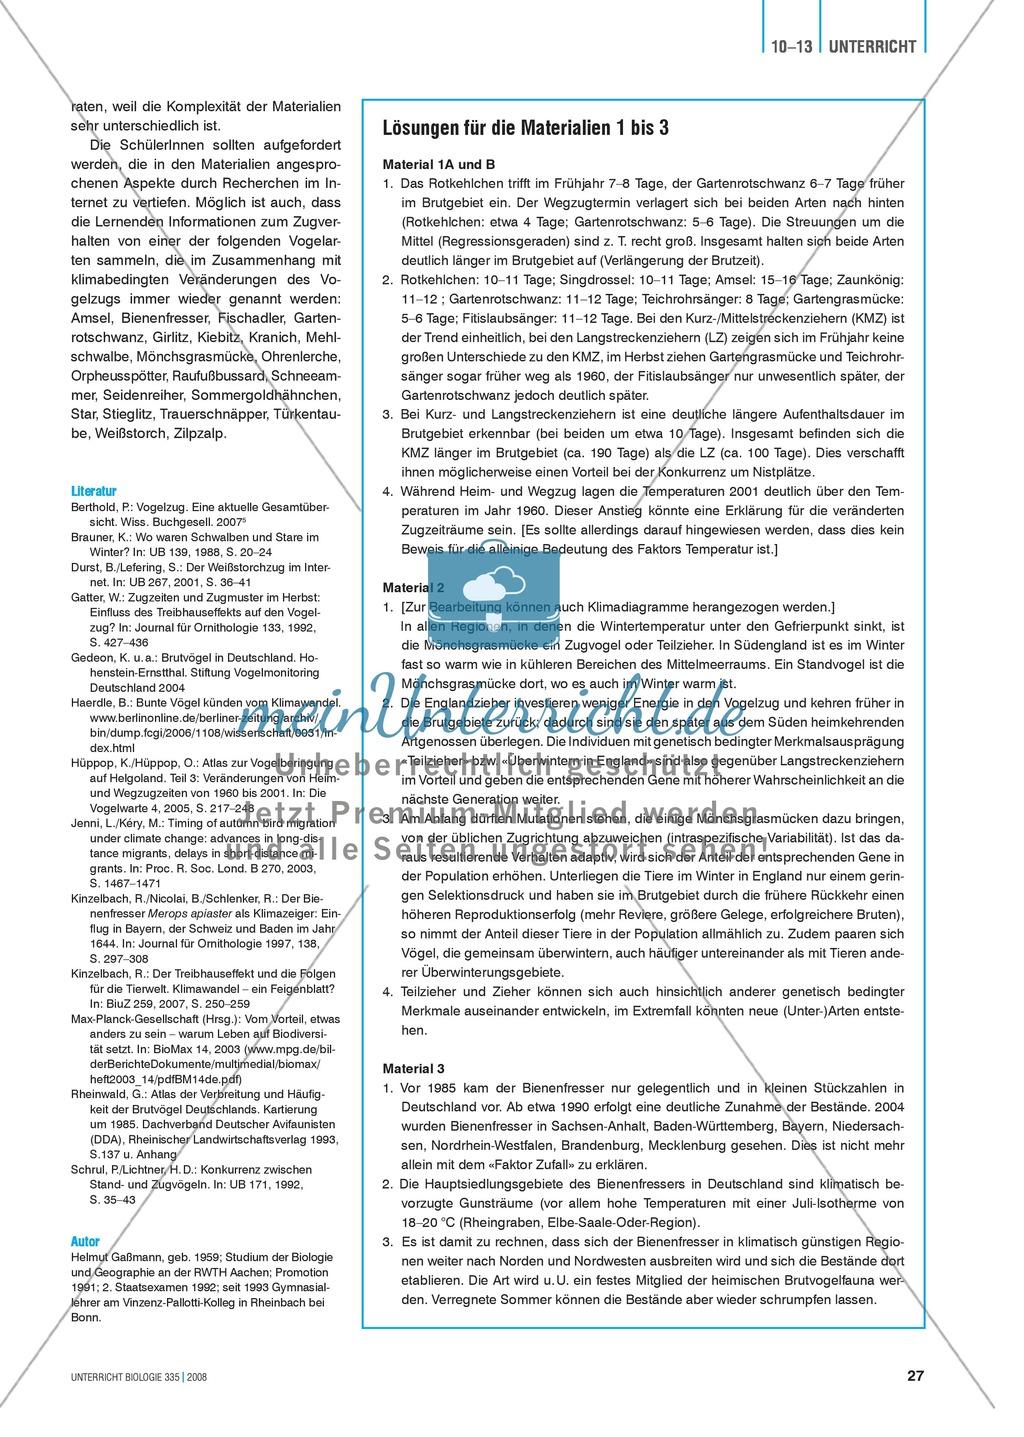 Klimawandel und Vogelzug: Der Einfluss von Klimaveränderungen auf das Verhalten von Vögeln - Info-Text und Aufgaben Preview 1